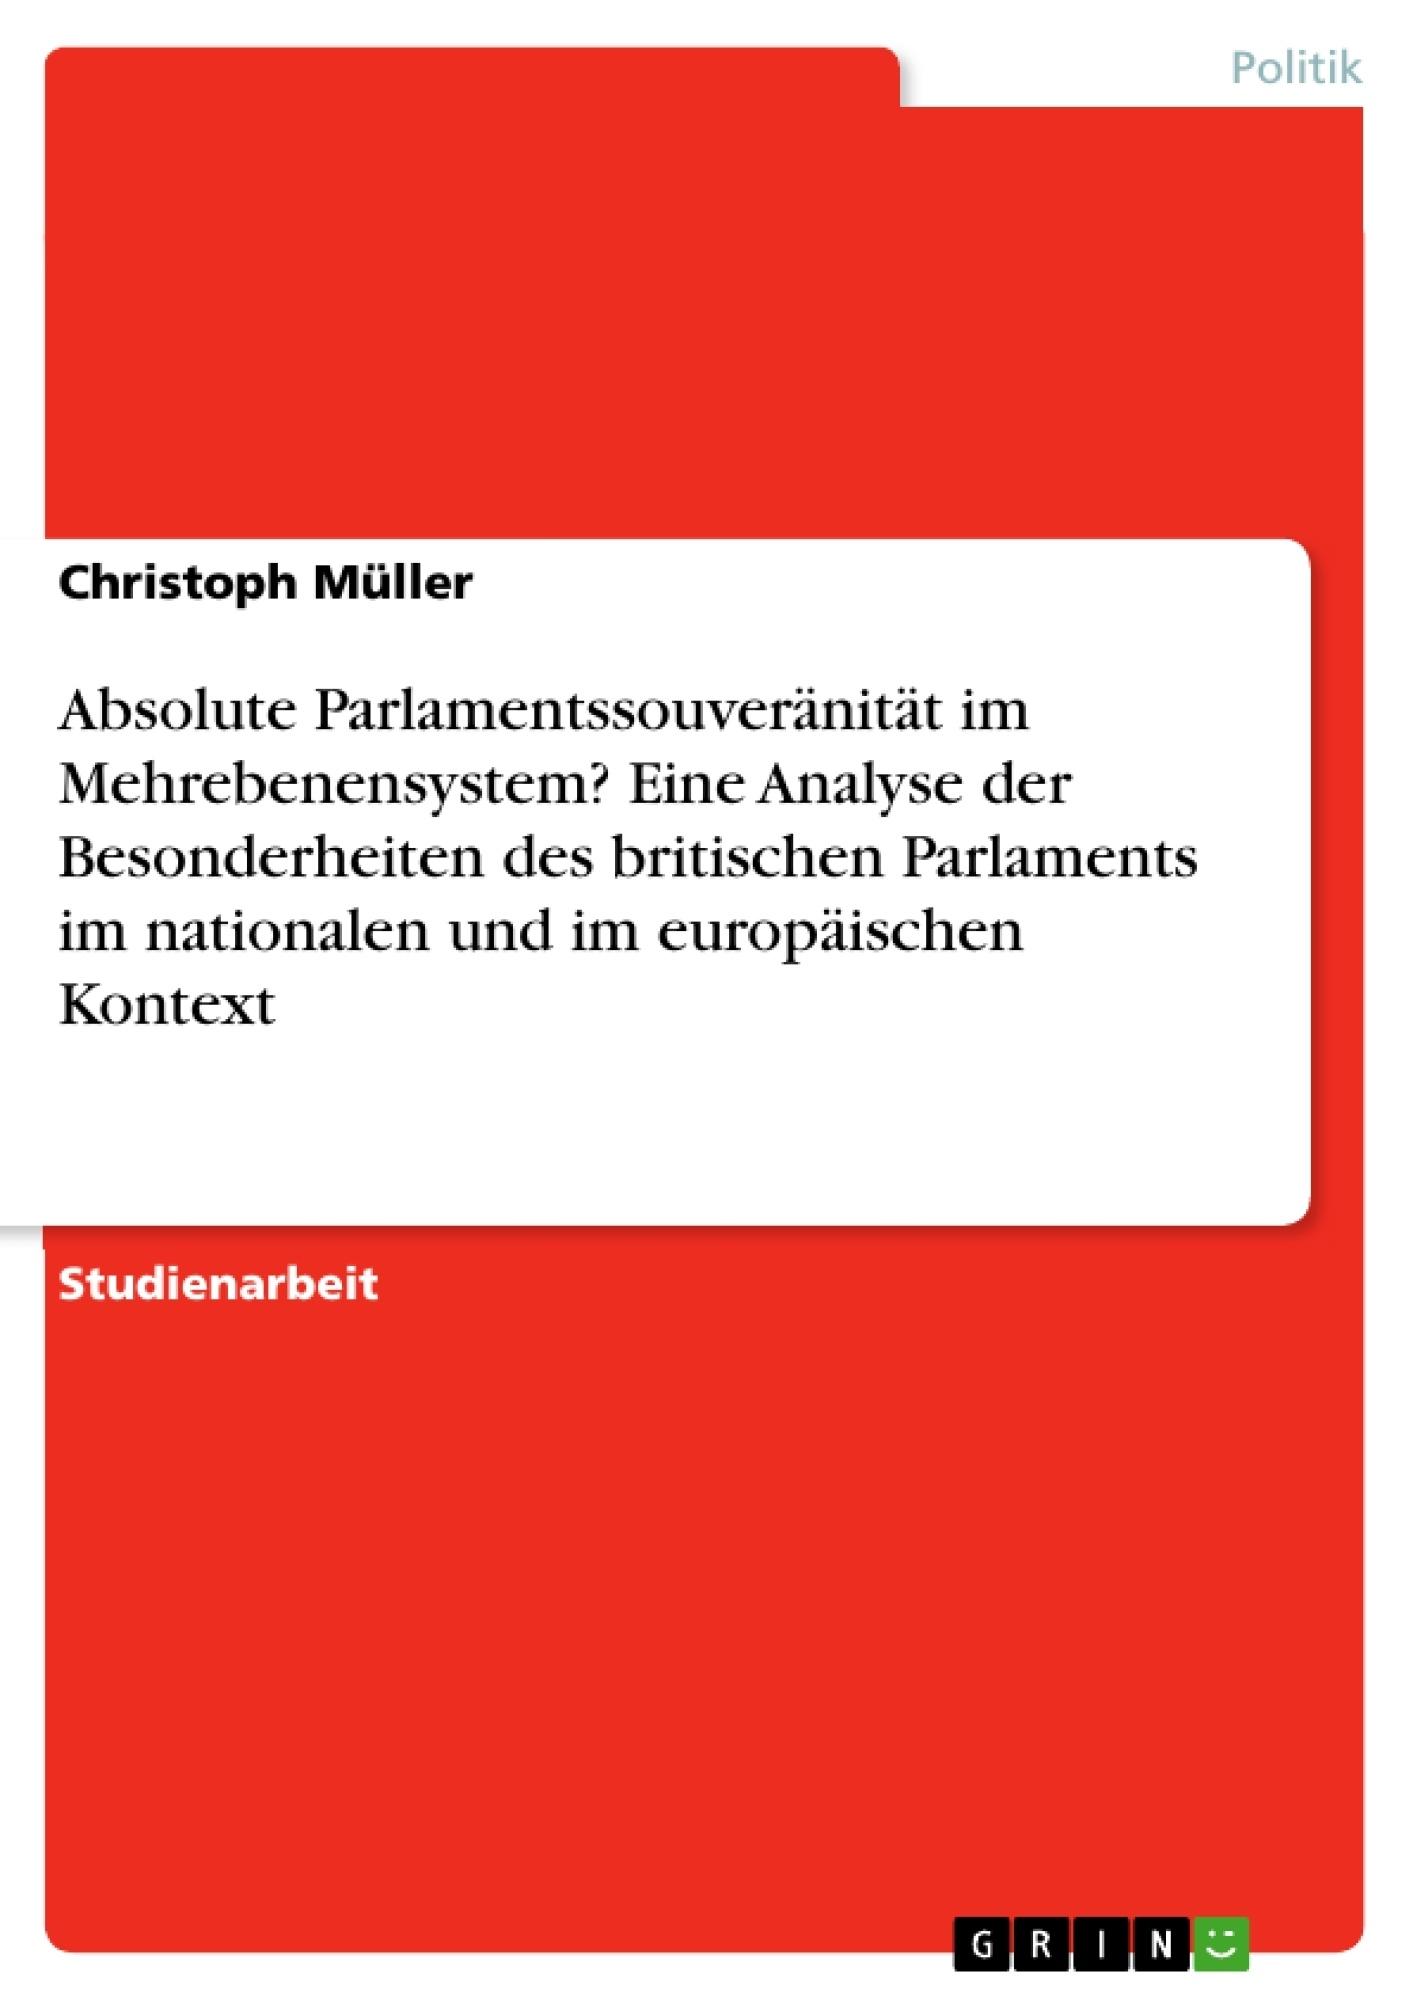 Titel: Absolute Parlamentssouveränität im Mehrebenensystem? Eine Analyse der Besonderheiten des britischen Parlaments im nationalen und im europäischen Kontext